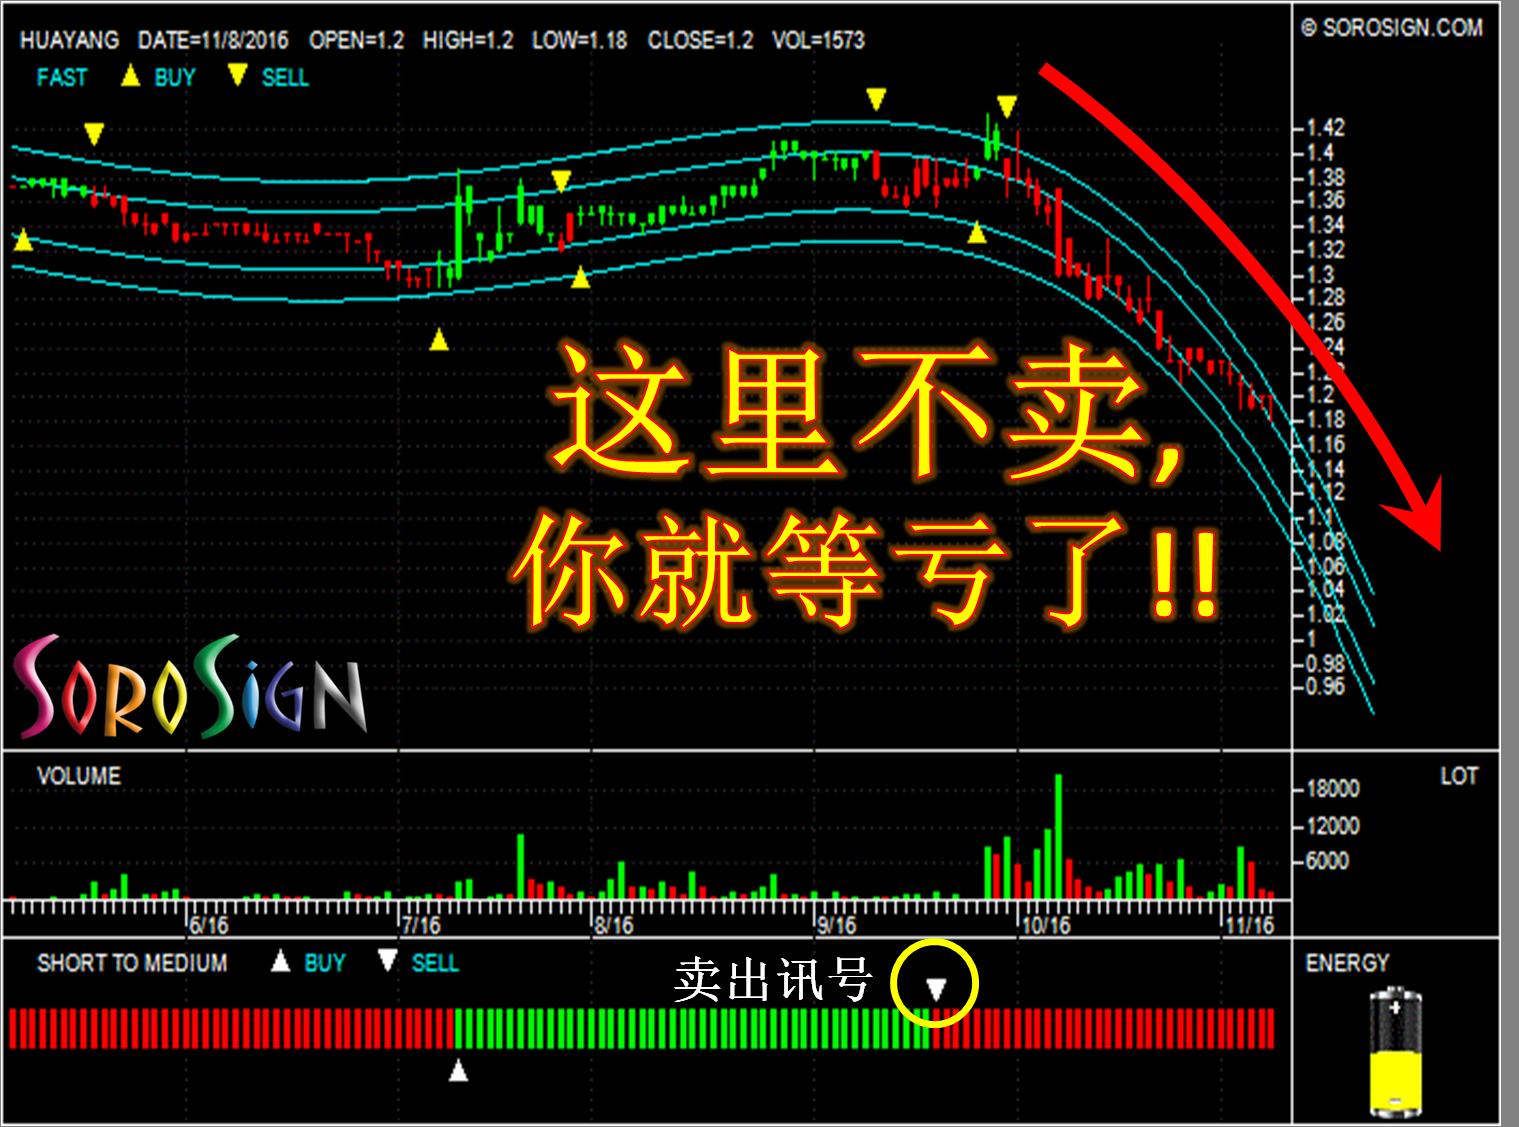 华阳 HUAYANG (5062) 股票要卖才赚钱